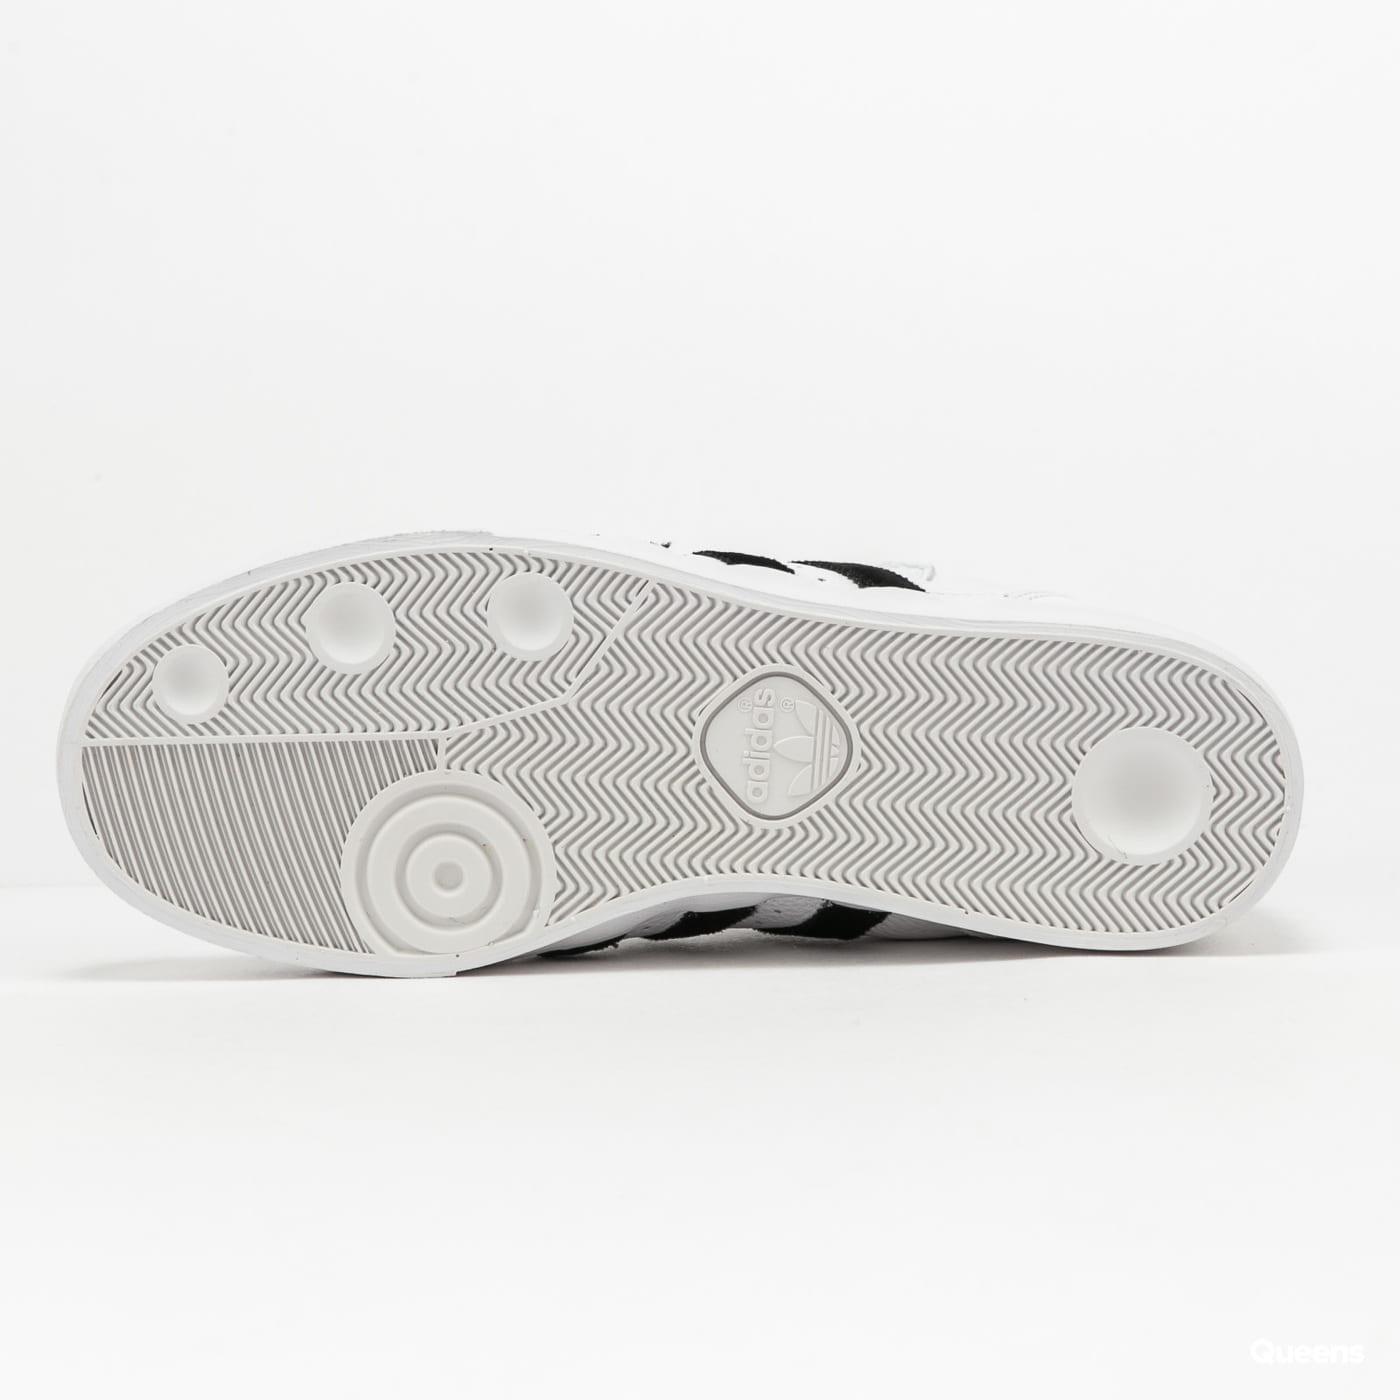 adidas Originals Basket Profi ftwwht / cblack / goltmt